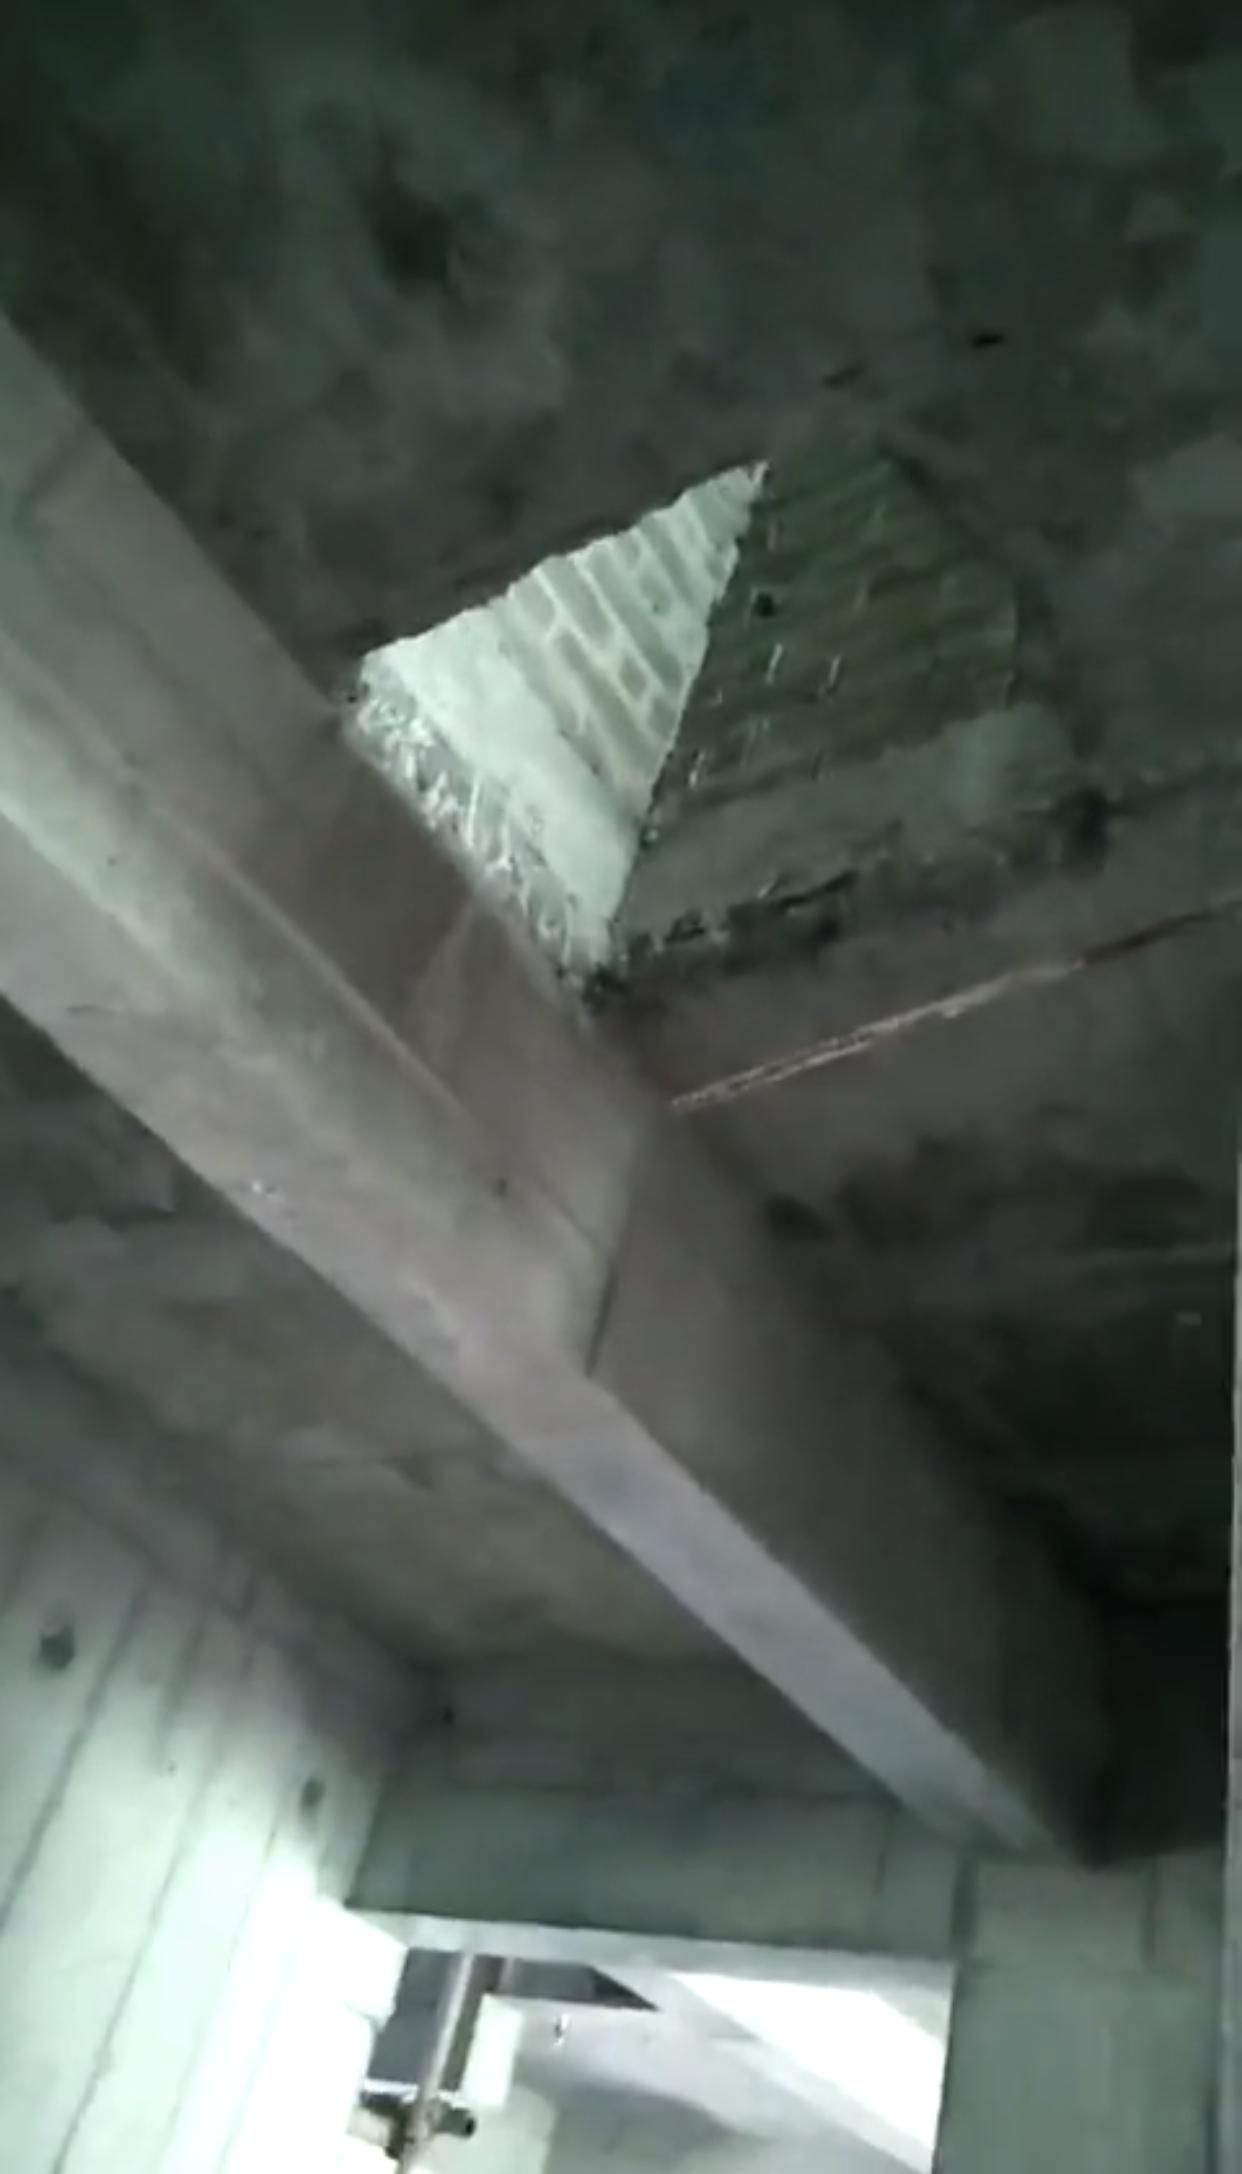 南安世茂璀璨天城二期1号楼 一民工室内坠楼死亡